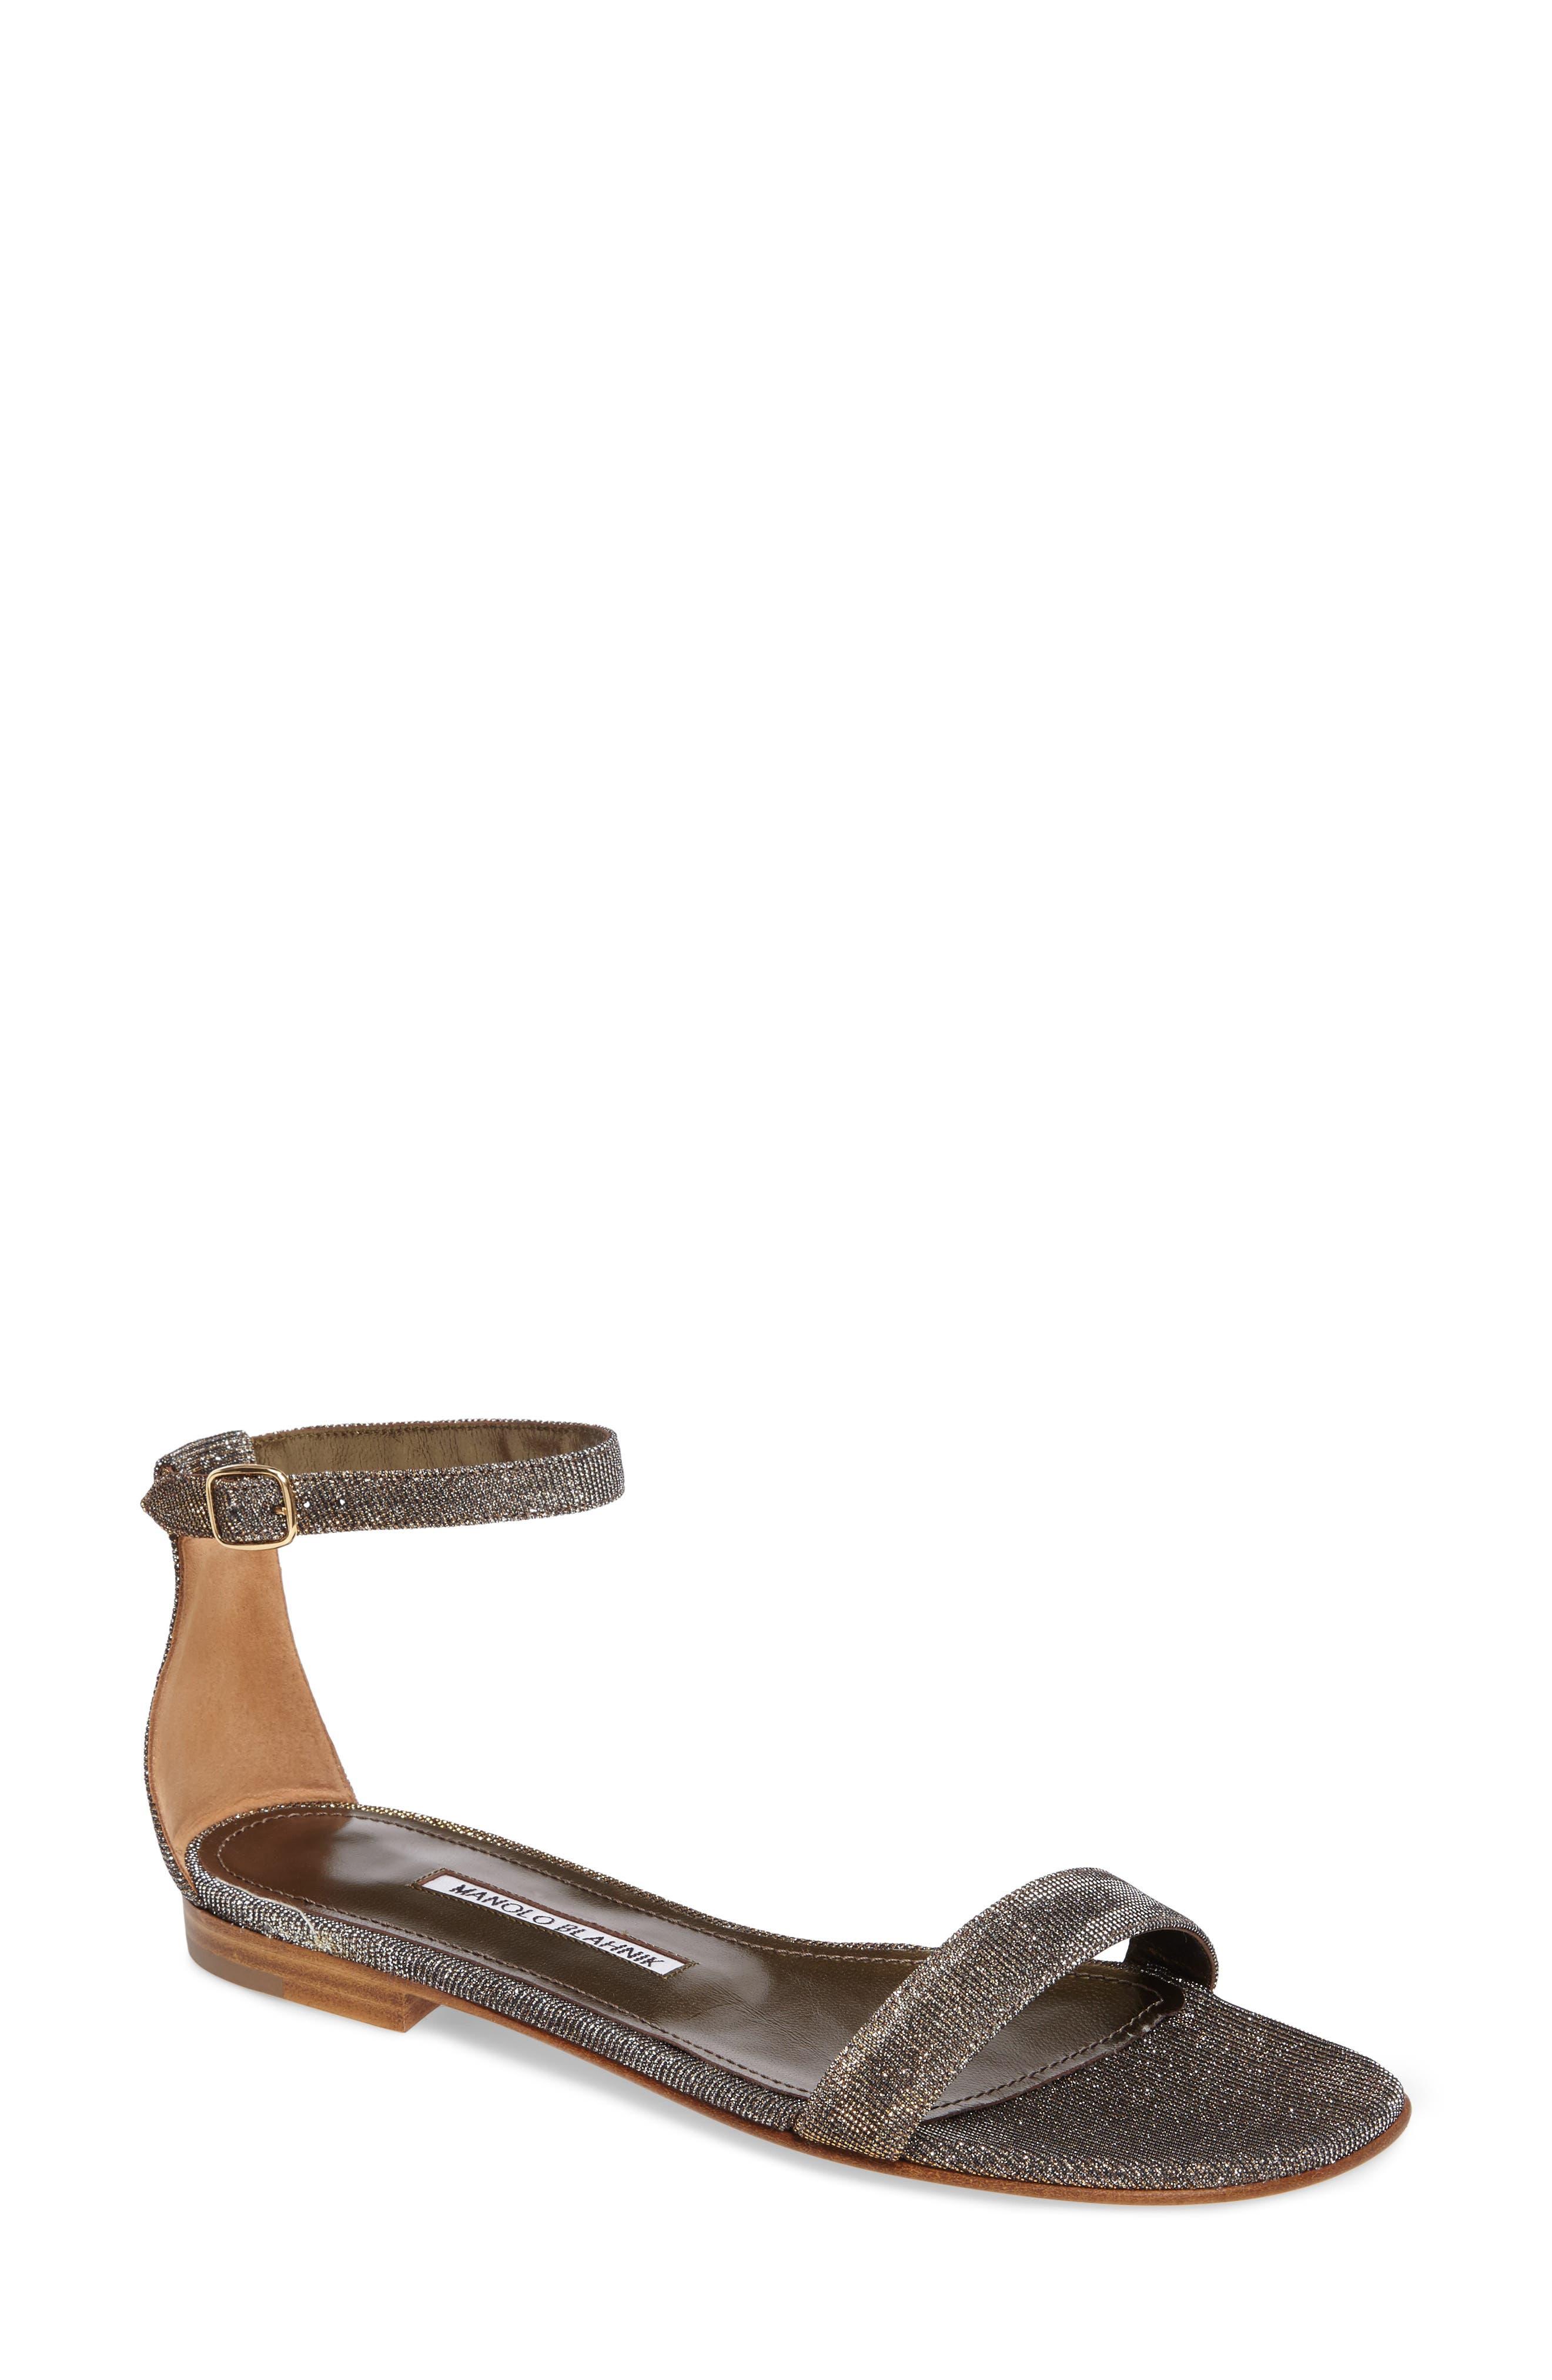 Main Image - Manolo Blahnik Chafla Ankle Strap Sandal (Women)